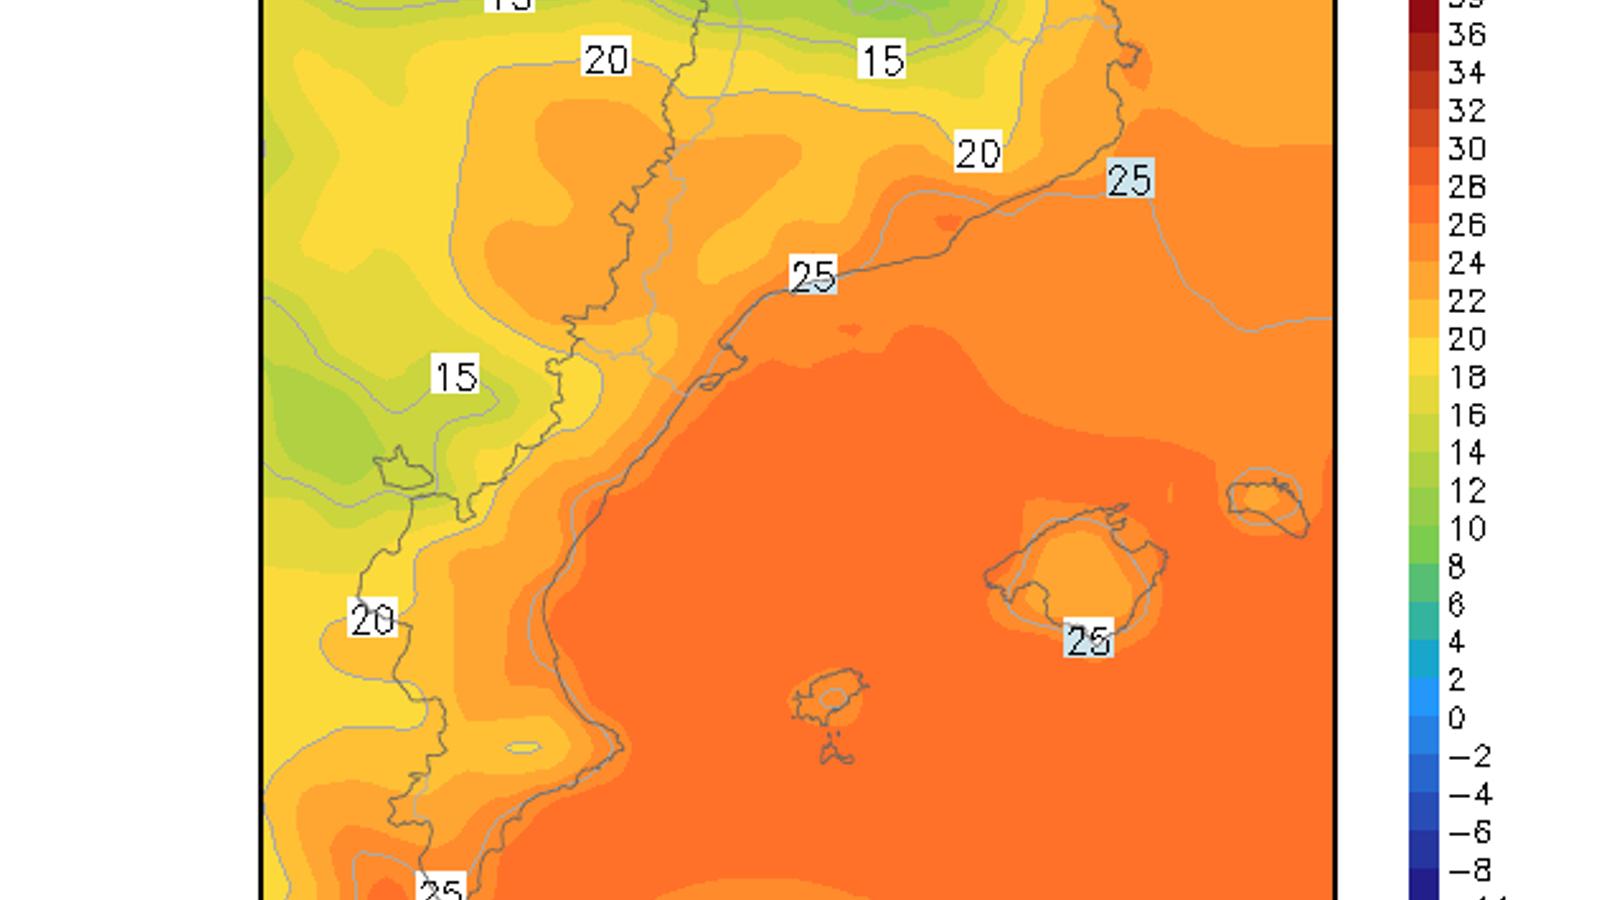 Temperatura mínima prevista per demà